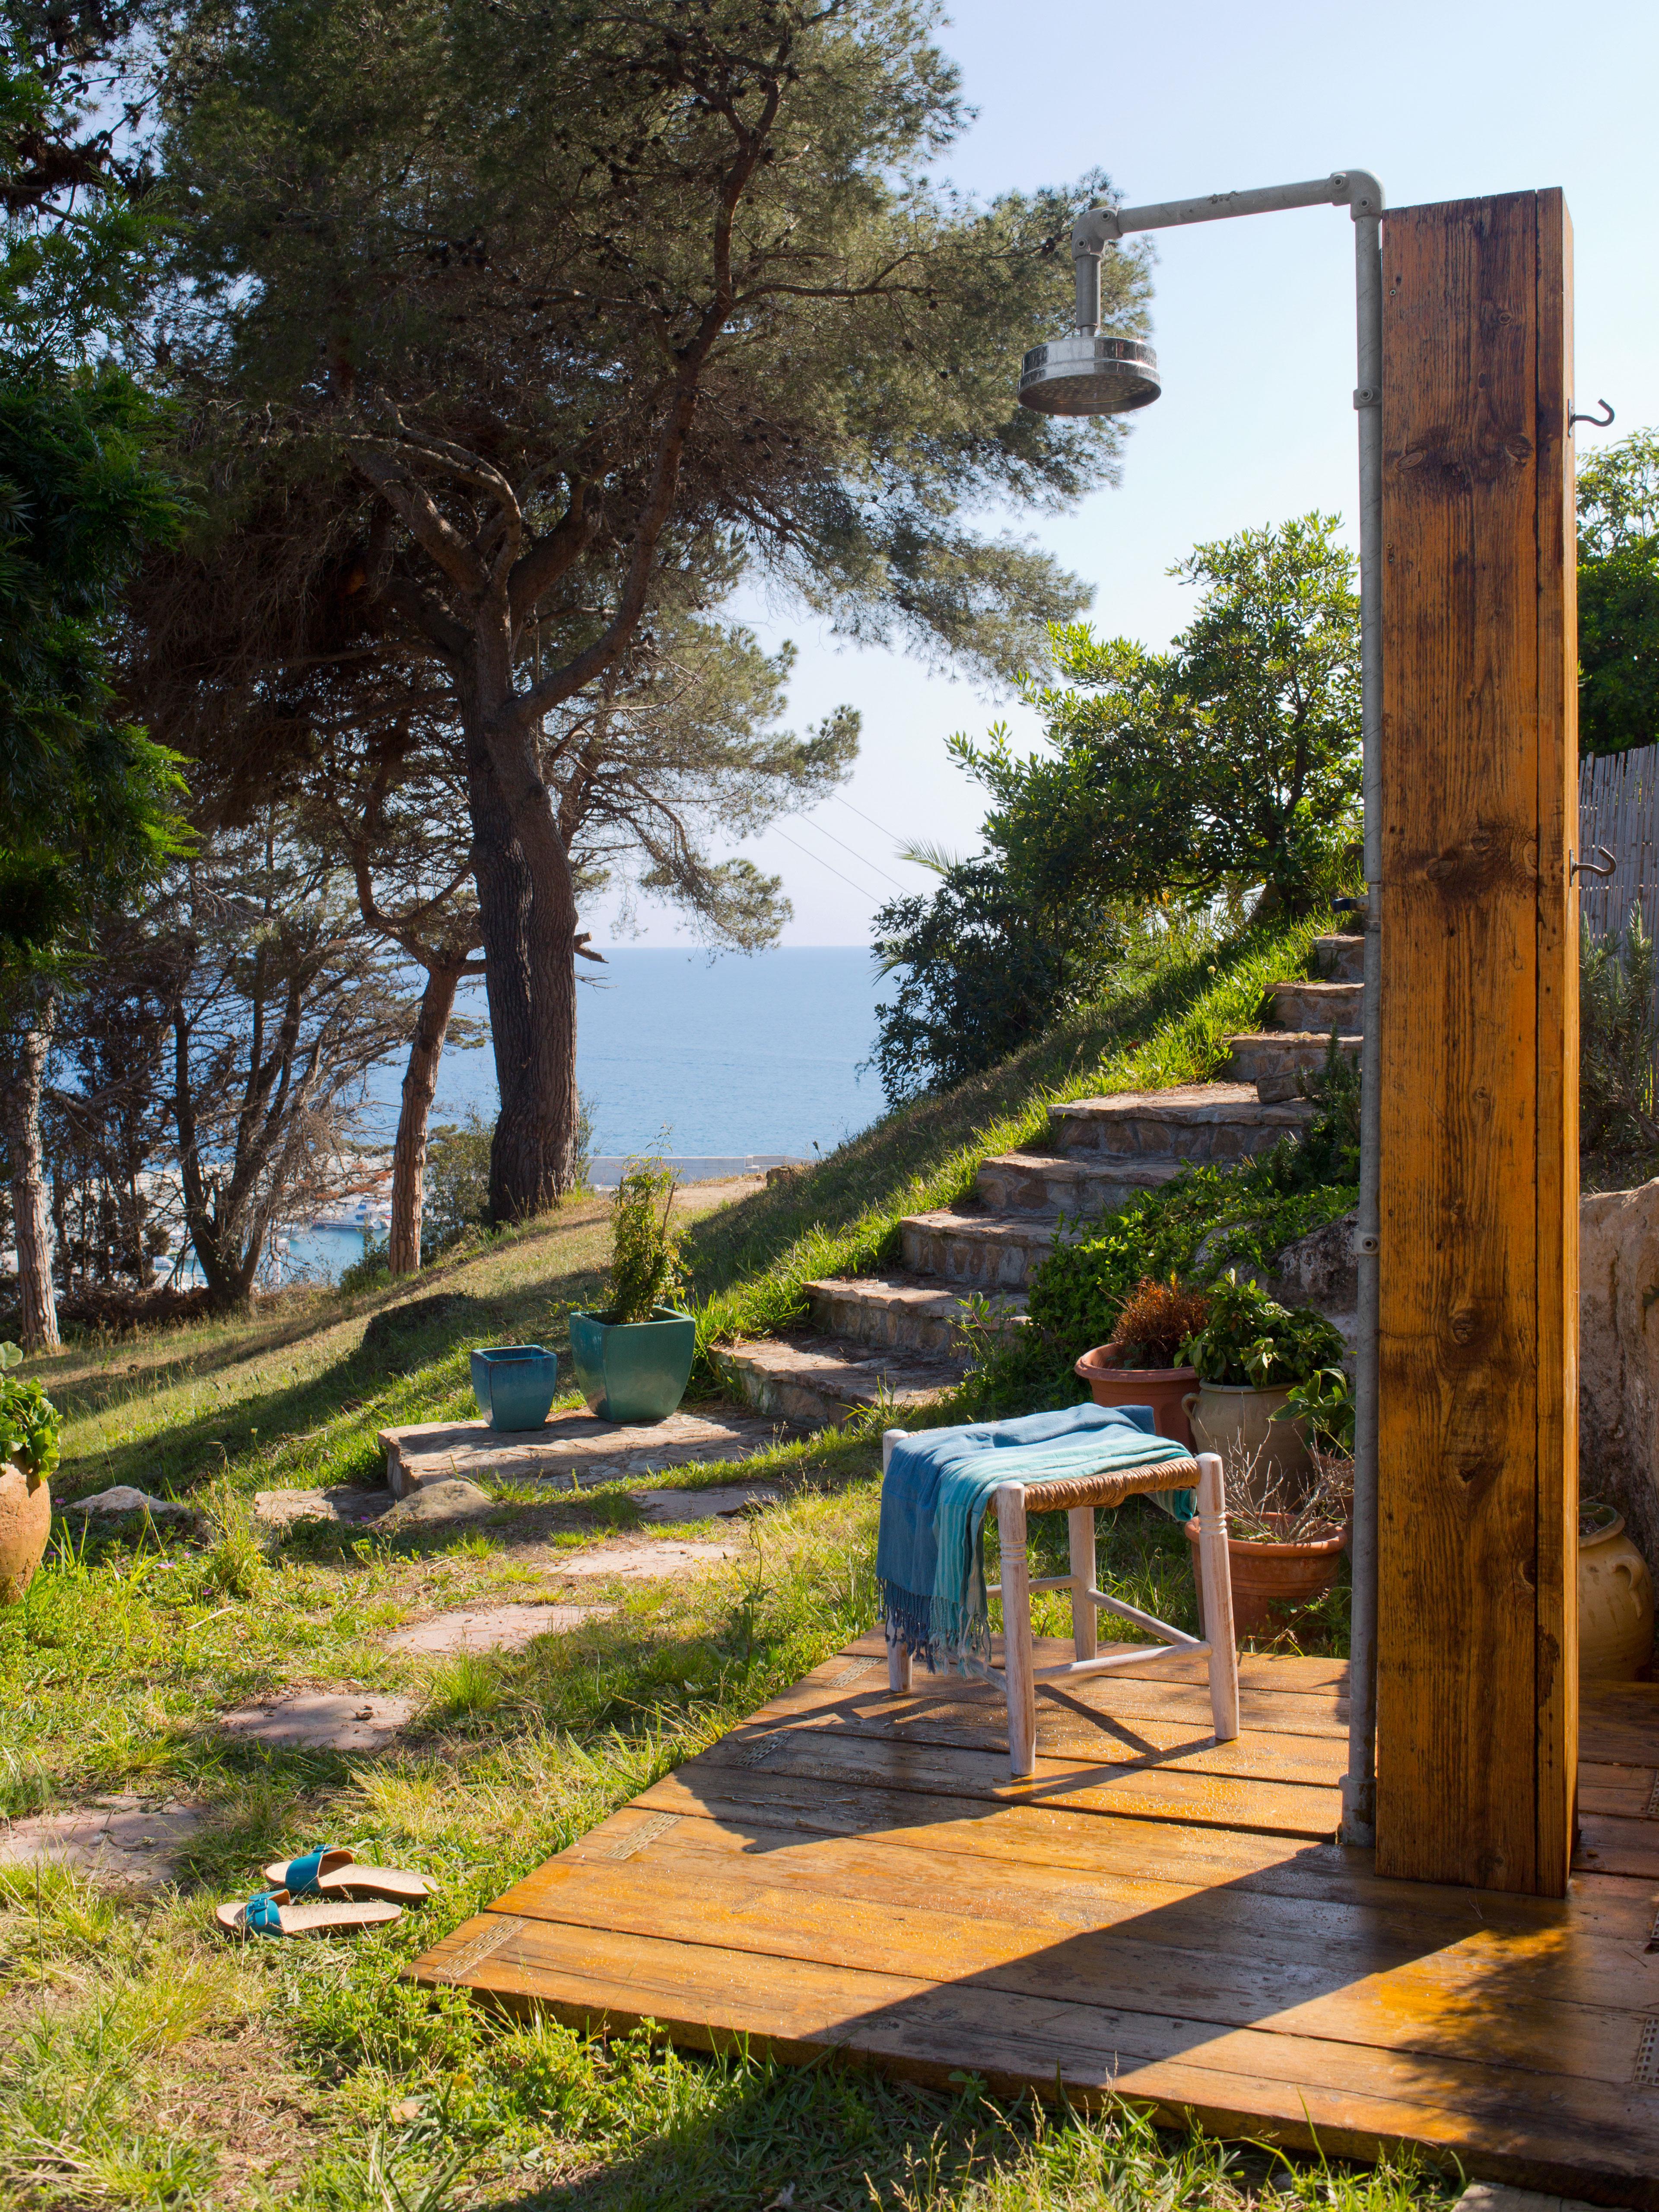 Avoir Une Douche Dans Le Jardin, Un Rêve ? Toujours Aussi Tendance, Ce  Petit Aménagement Donne Des Allures De Vacances à Votre Maison.